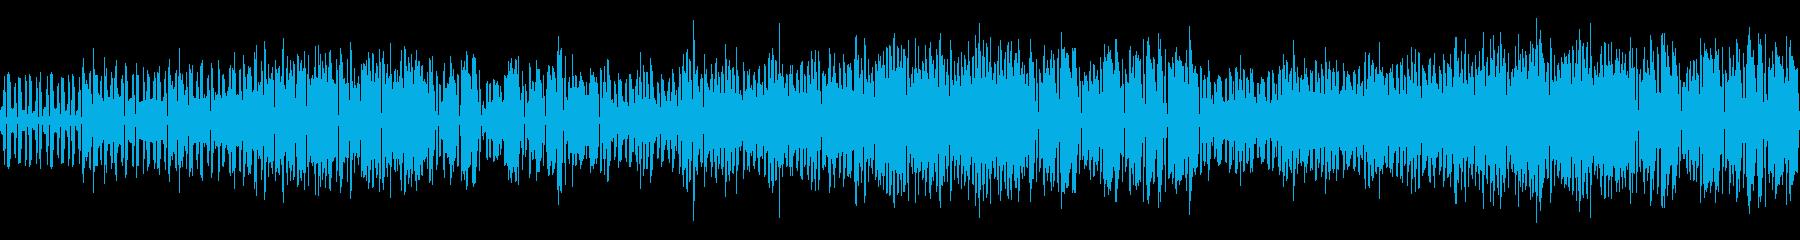 【ループ版】YouTubeアコーデ…の再生済みの波形